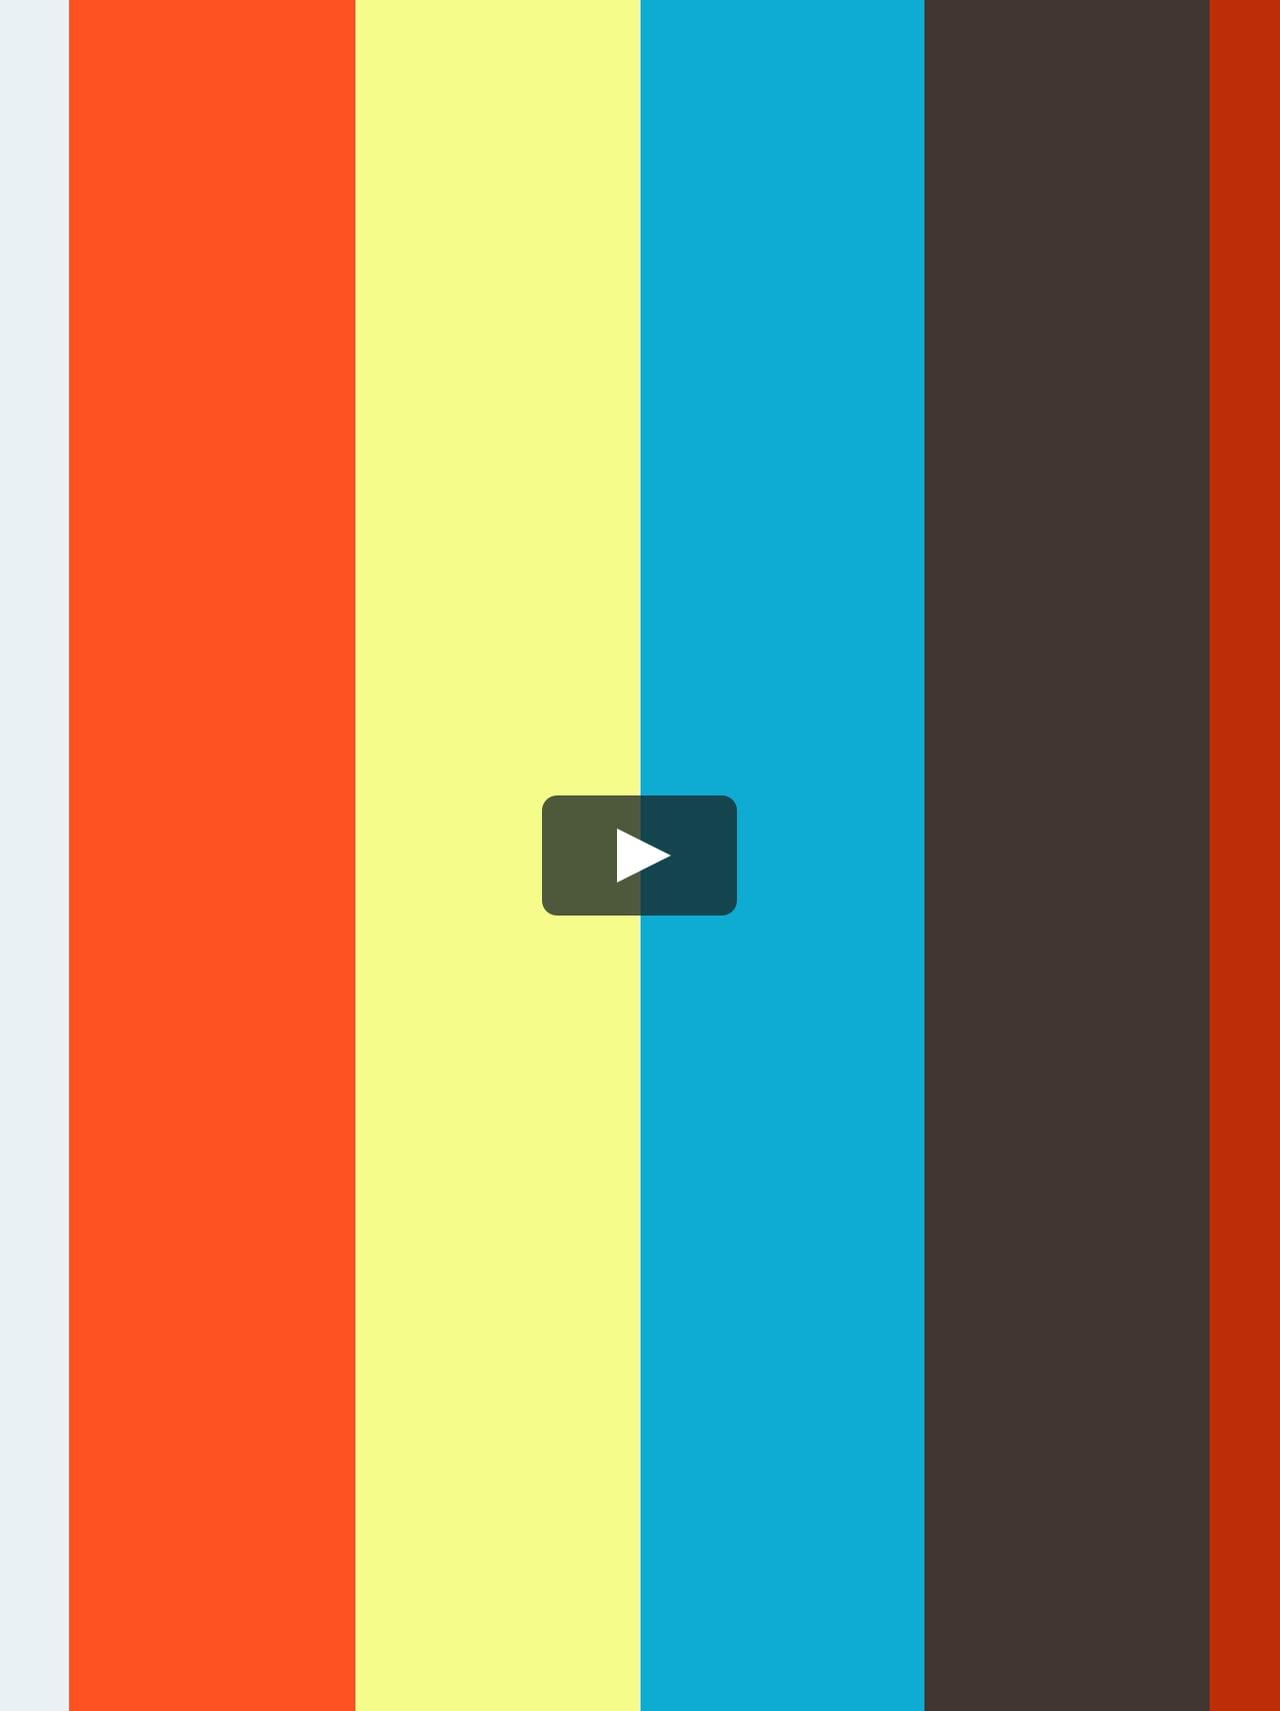 Module 10 On Vimeo